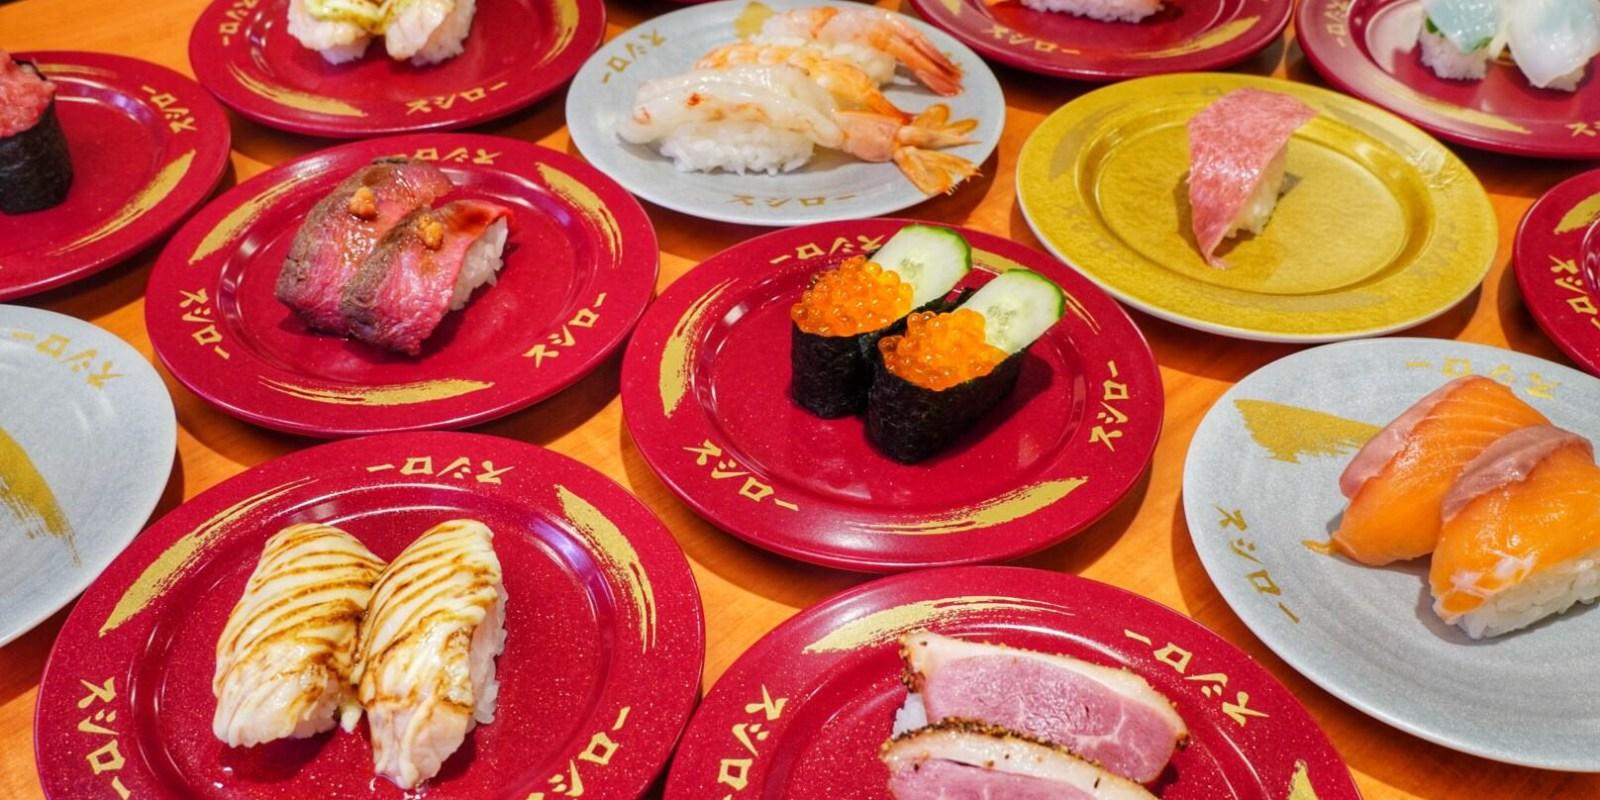 日本超人氣【壽司郎南紡店】終於進軍台南了  超過百種選擇!壽司控吃起來!